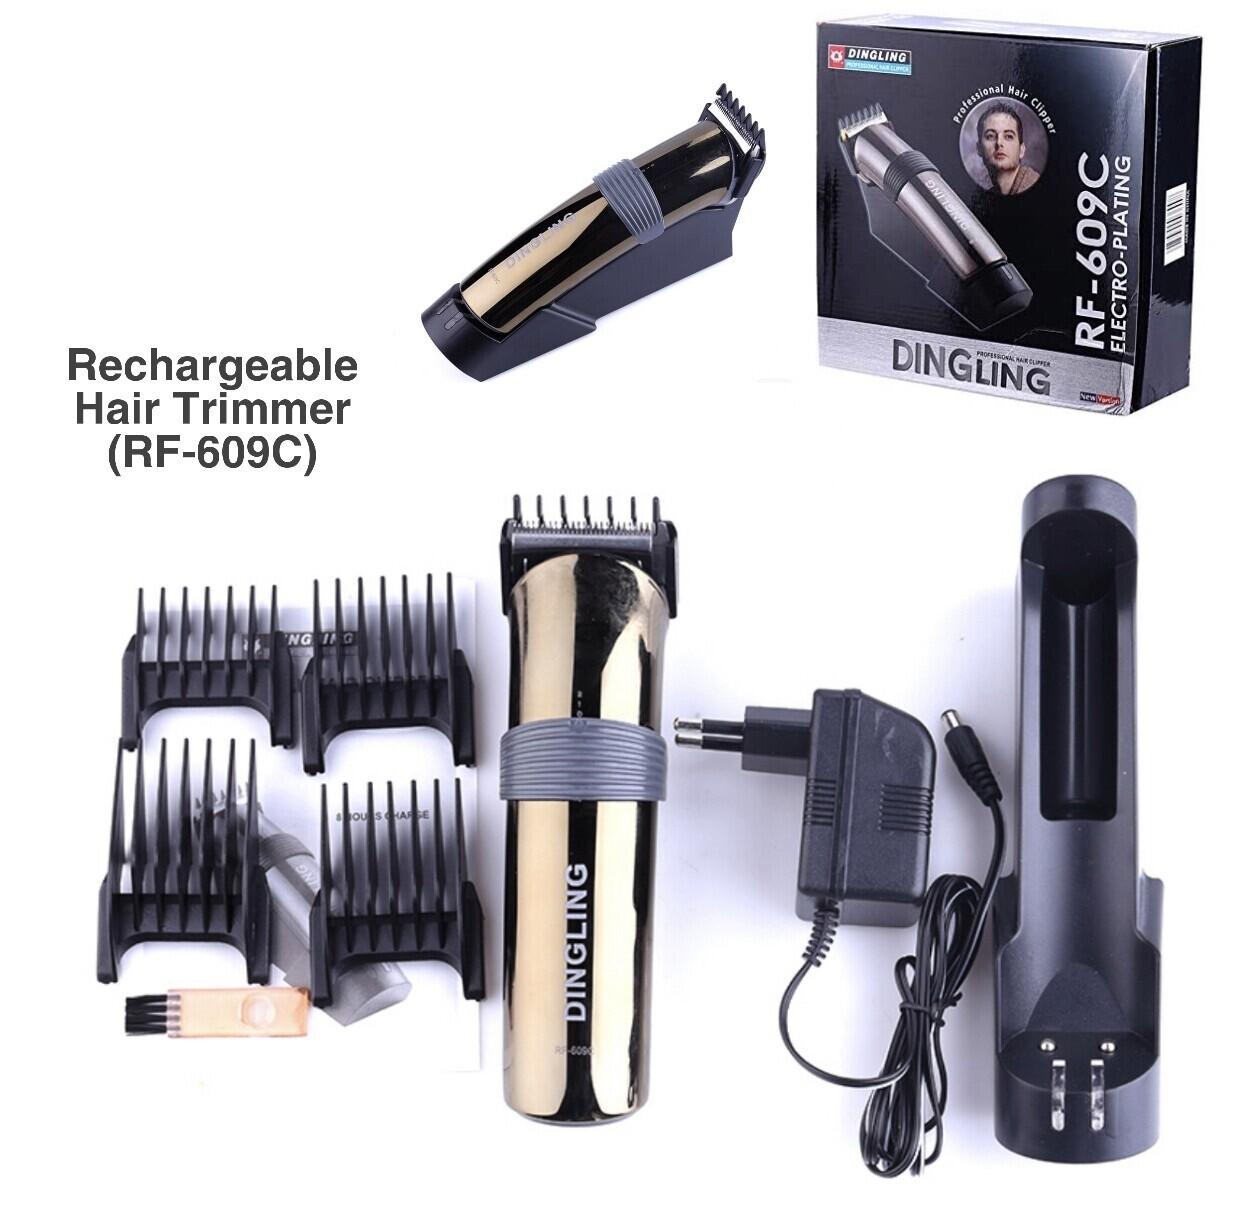 Hair Trimmer RF-609C